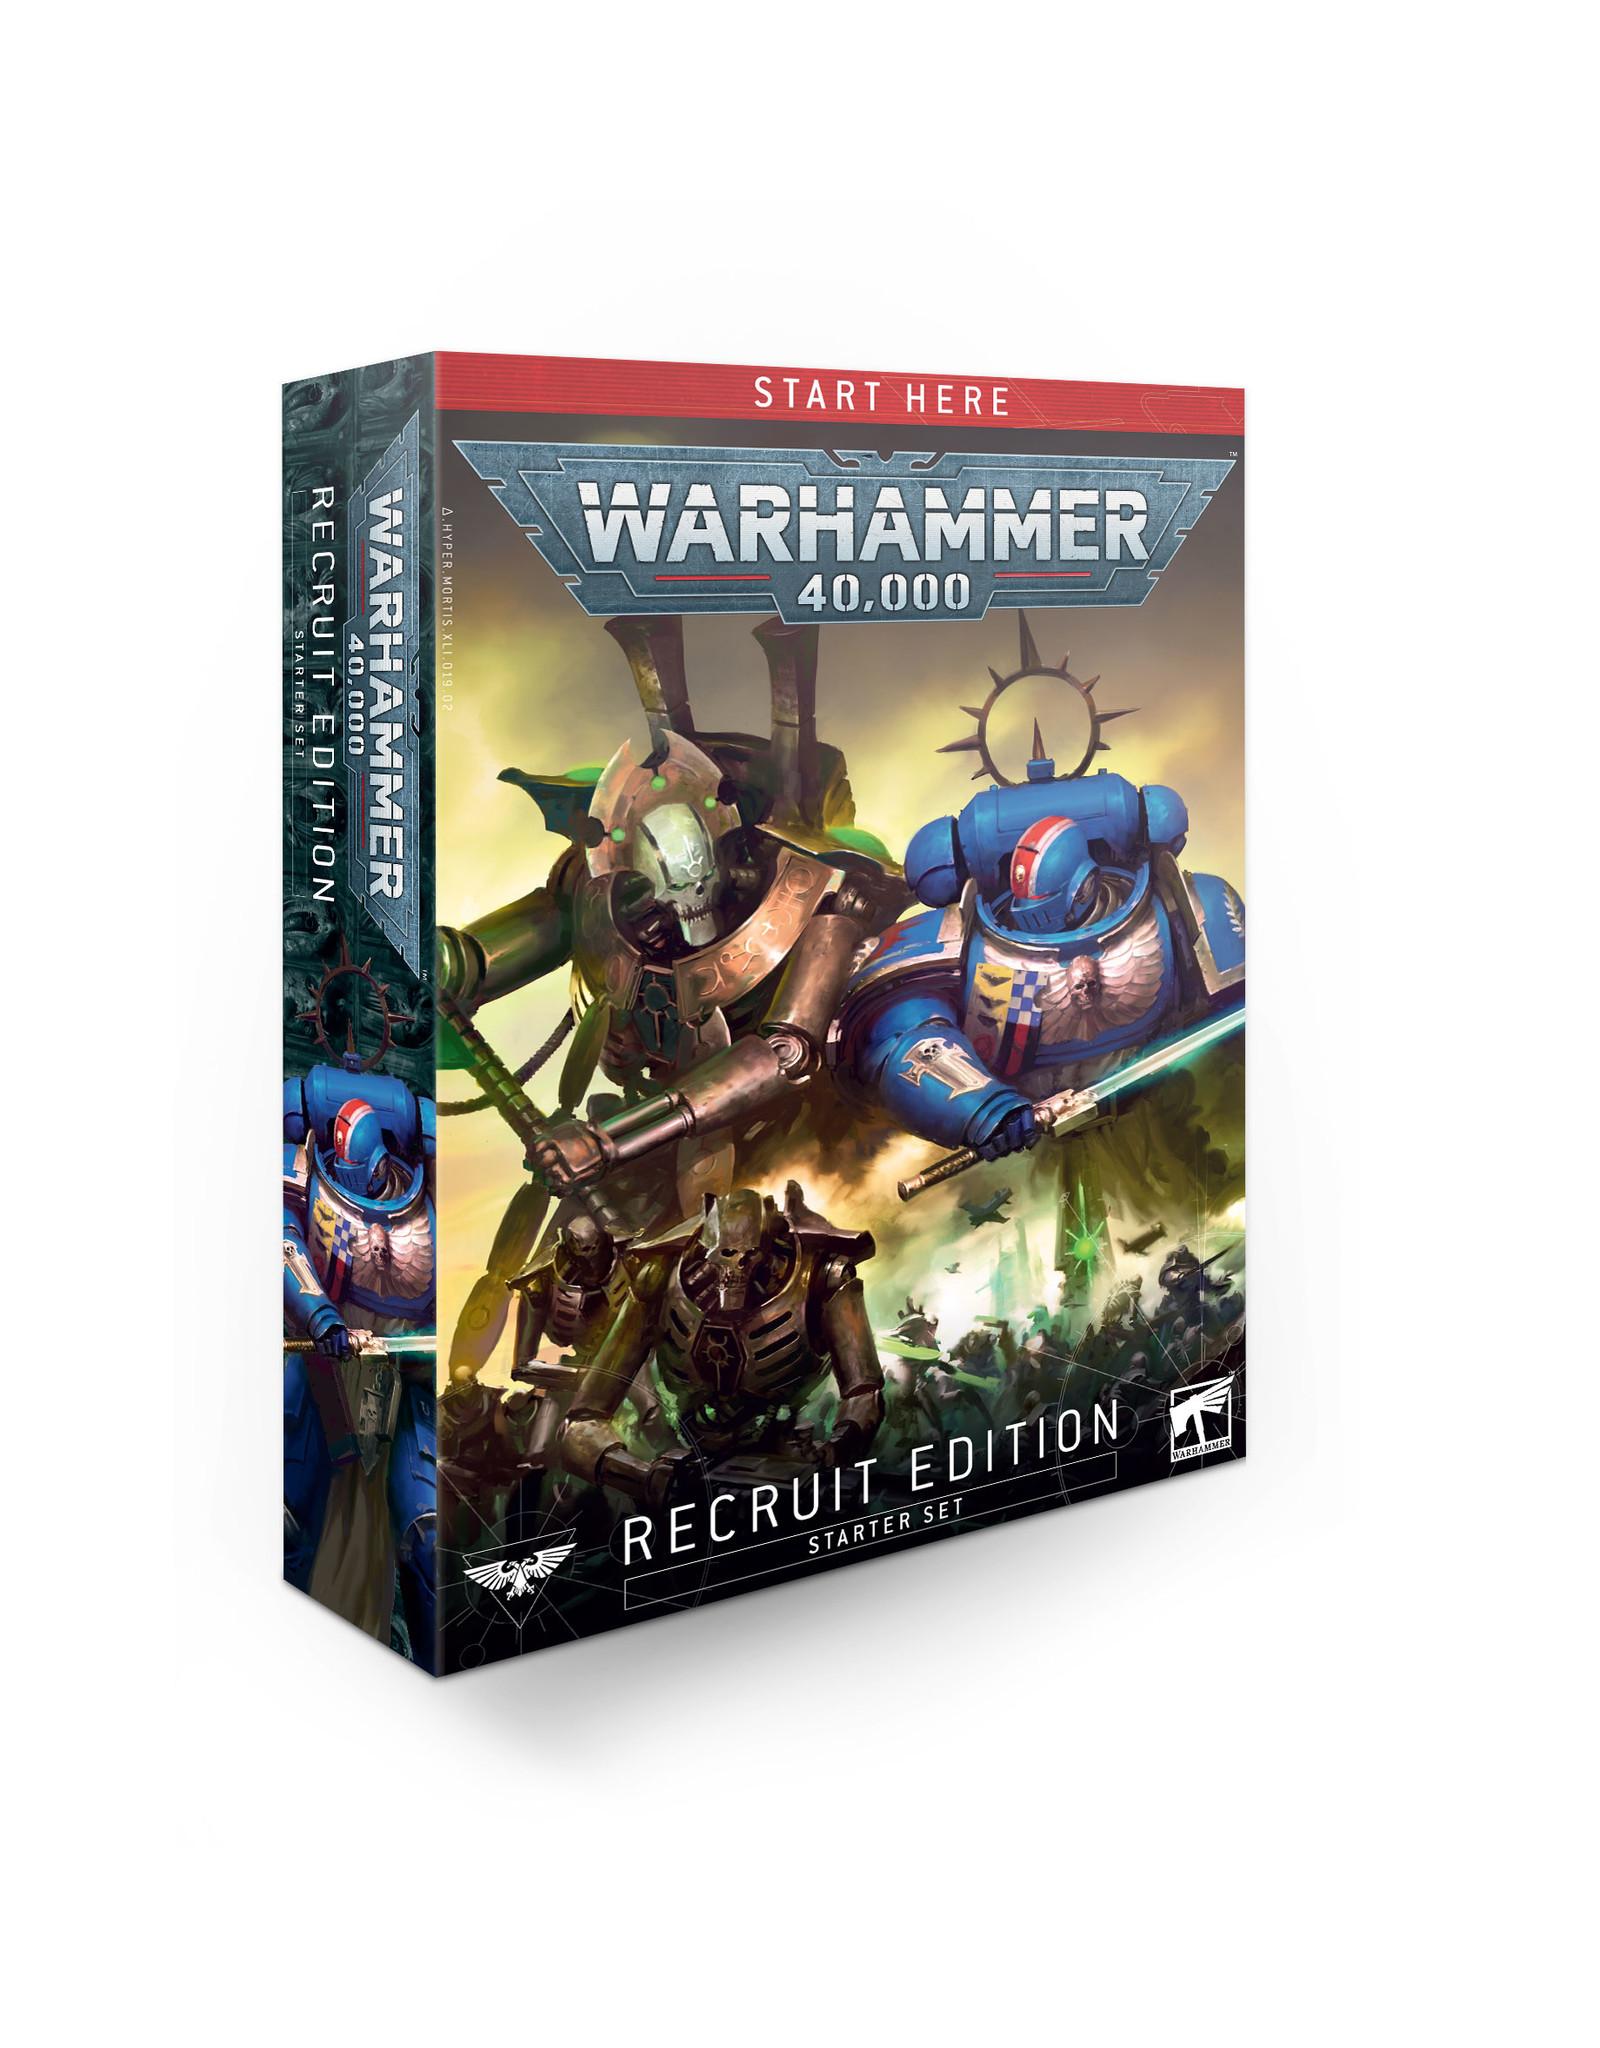 Warhammer 40K Warhammer 40,000: Recruit Edition